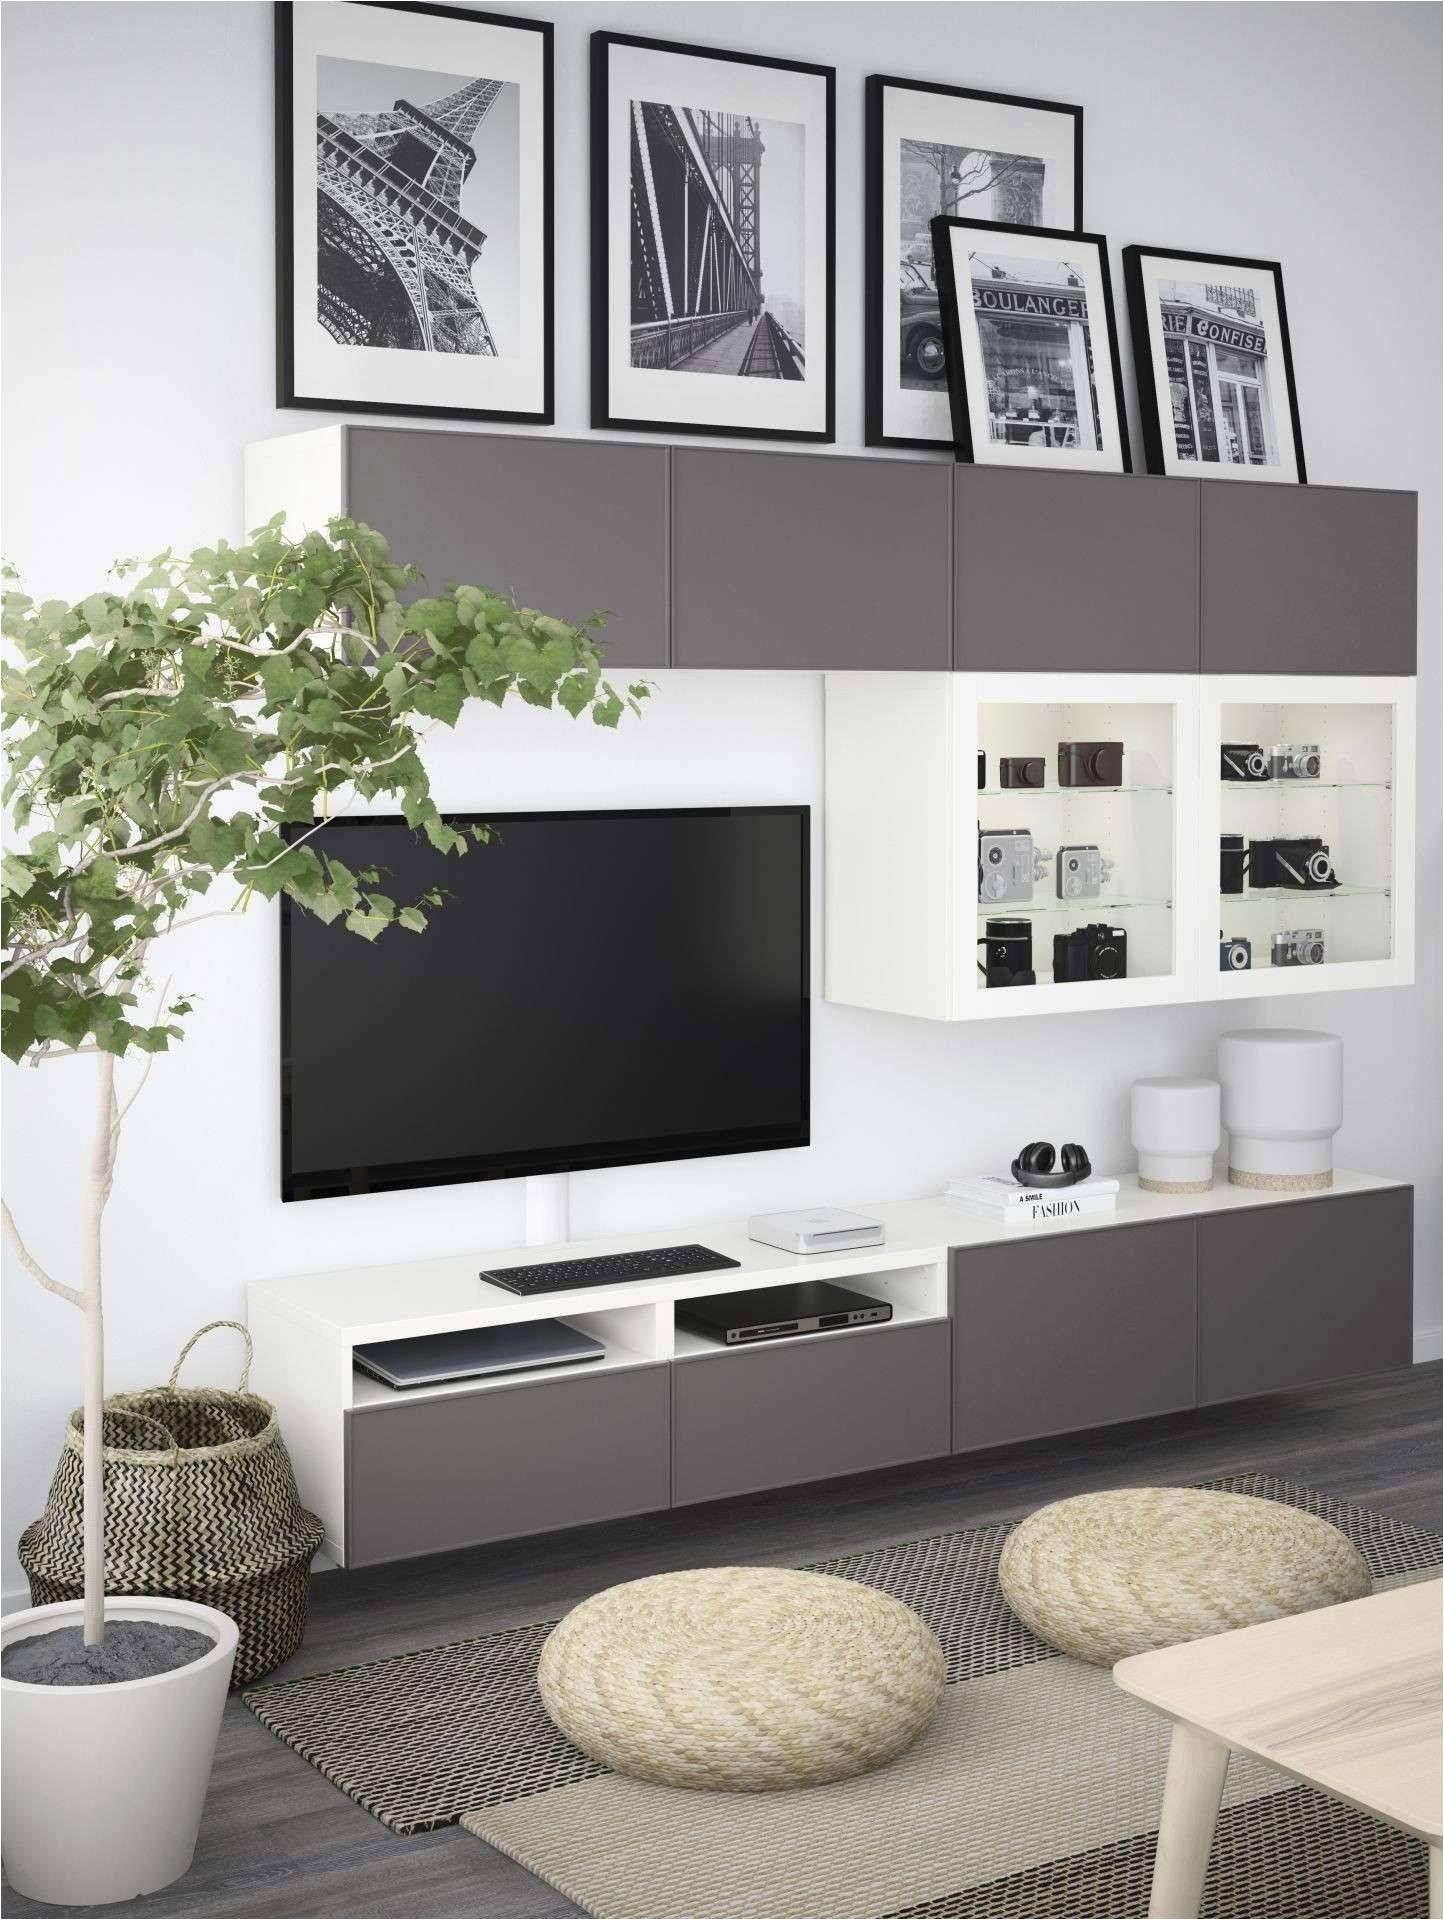 bilder wohnzimmer einzigartig wohnzimmer deko neu 68 genial wohnzimmer sessel of bilder wohnzimmer